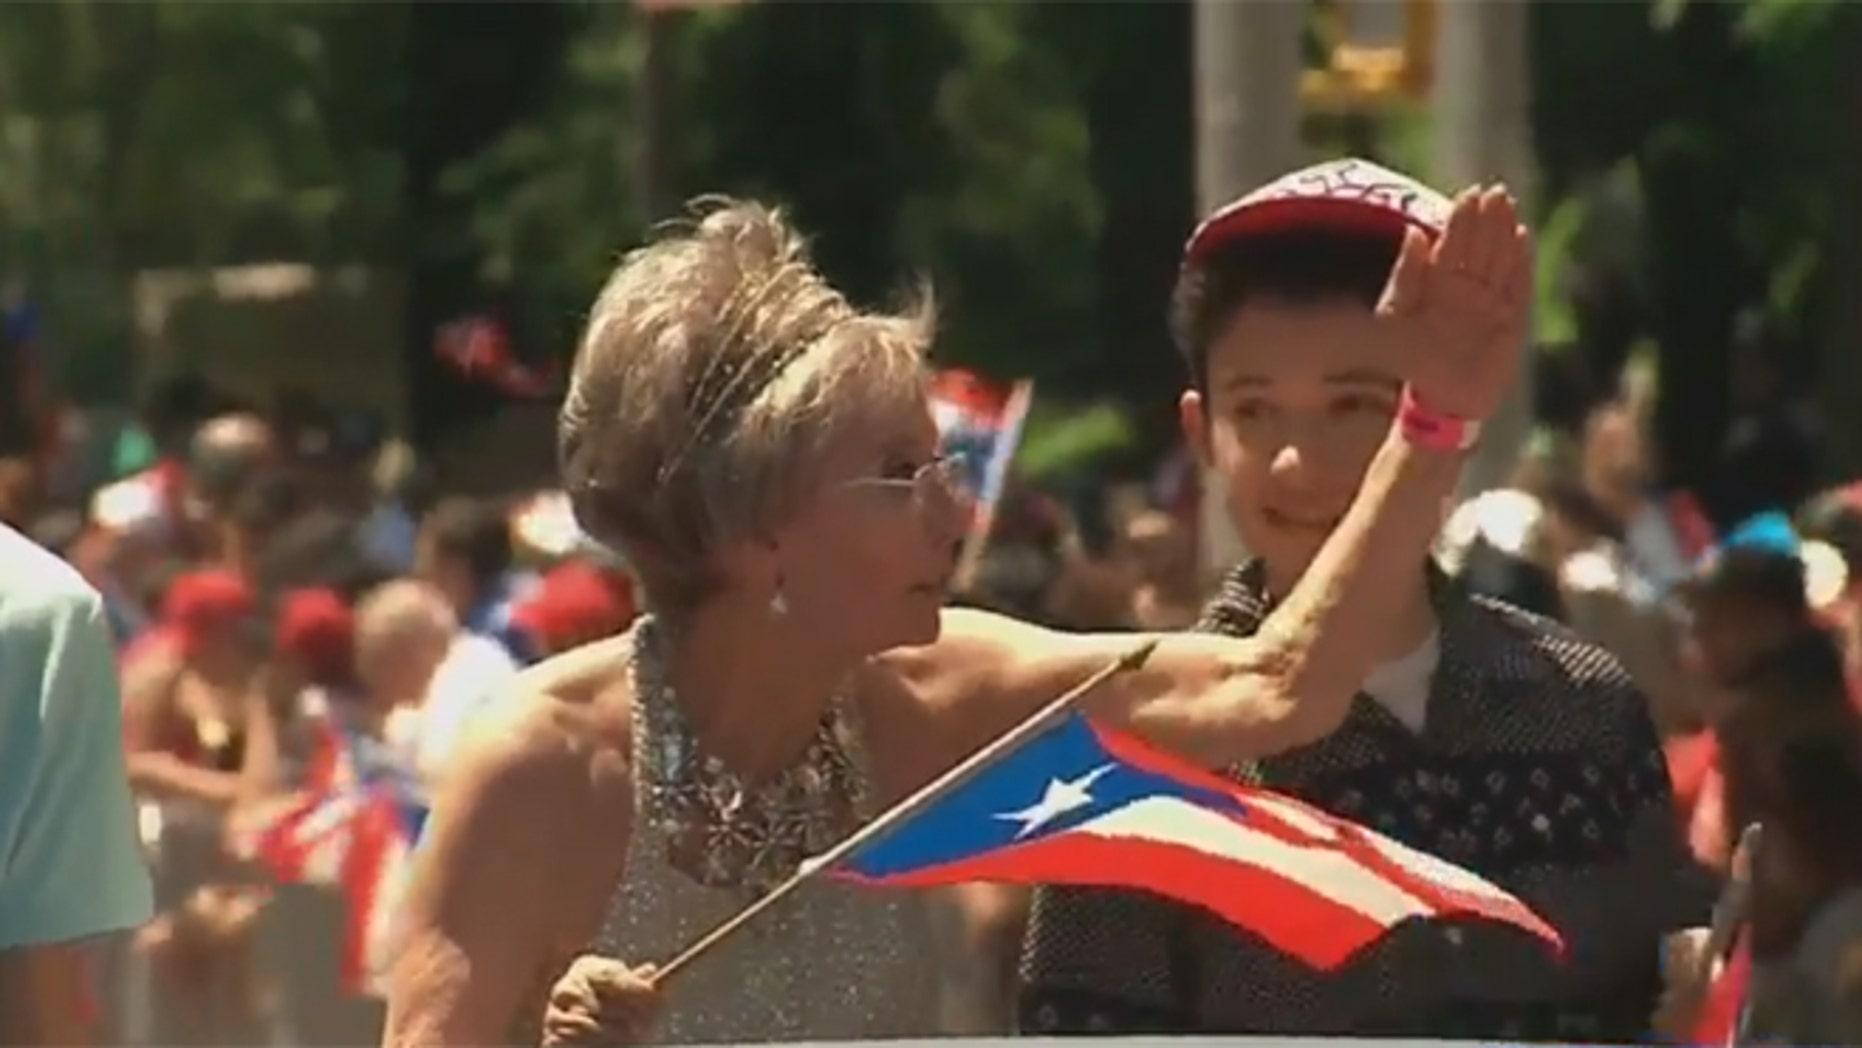 Rita Moreno. (Source: Screen shot via WABC-TV)